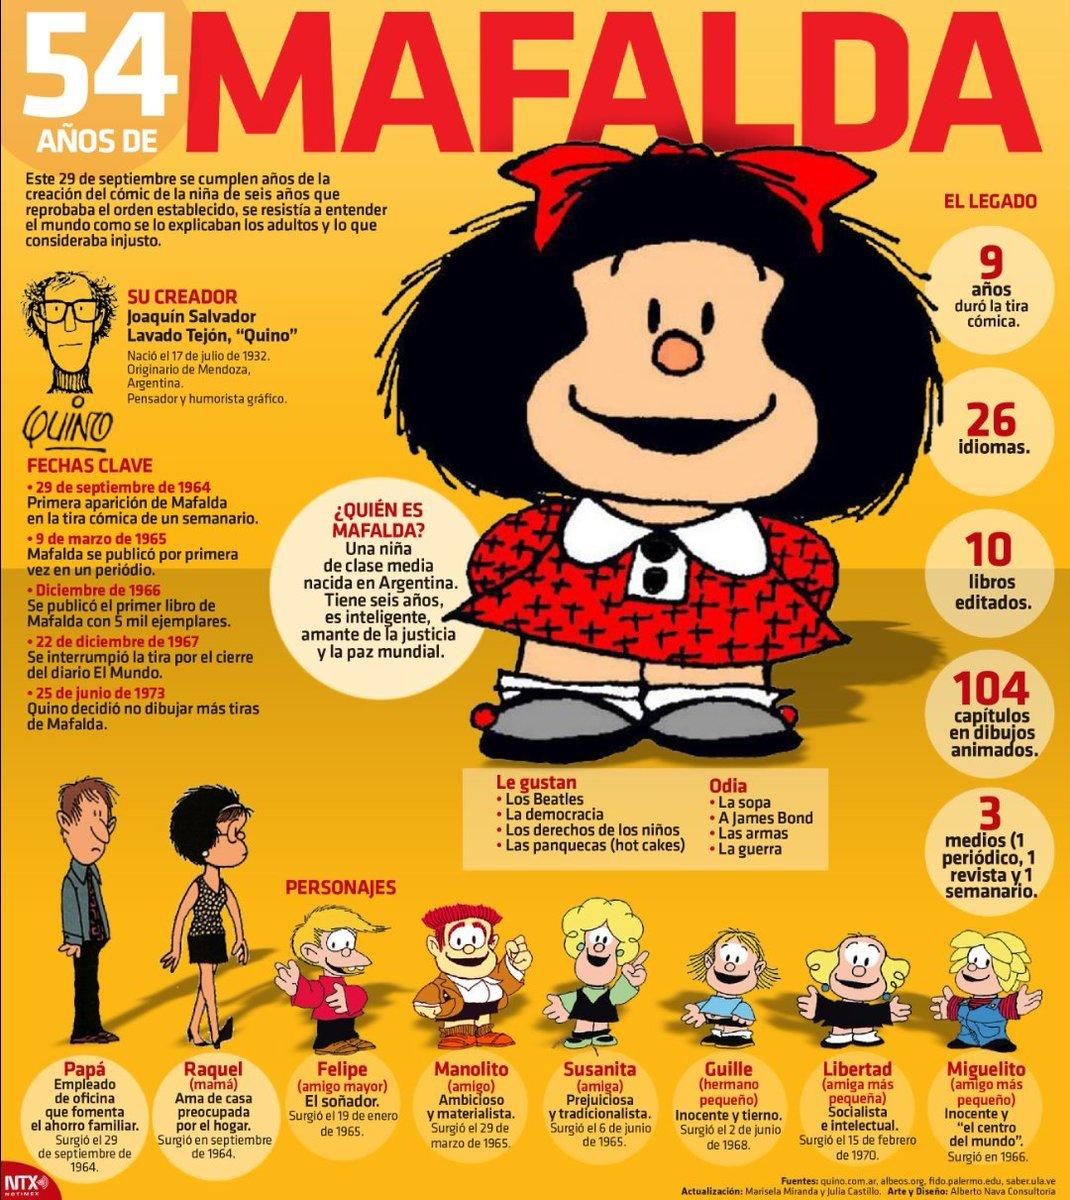 Keymer Avila On Twitter Feliz Cumpleanos Mafalda 5 4